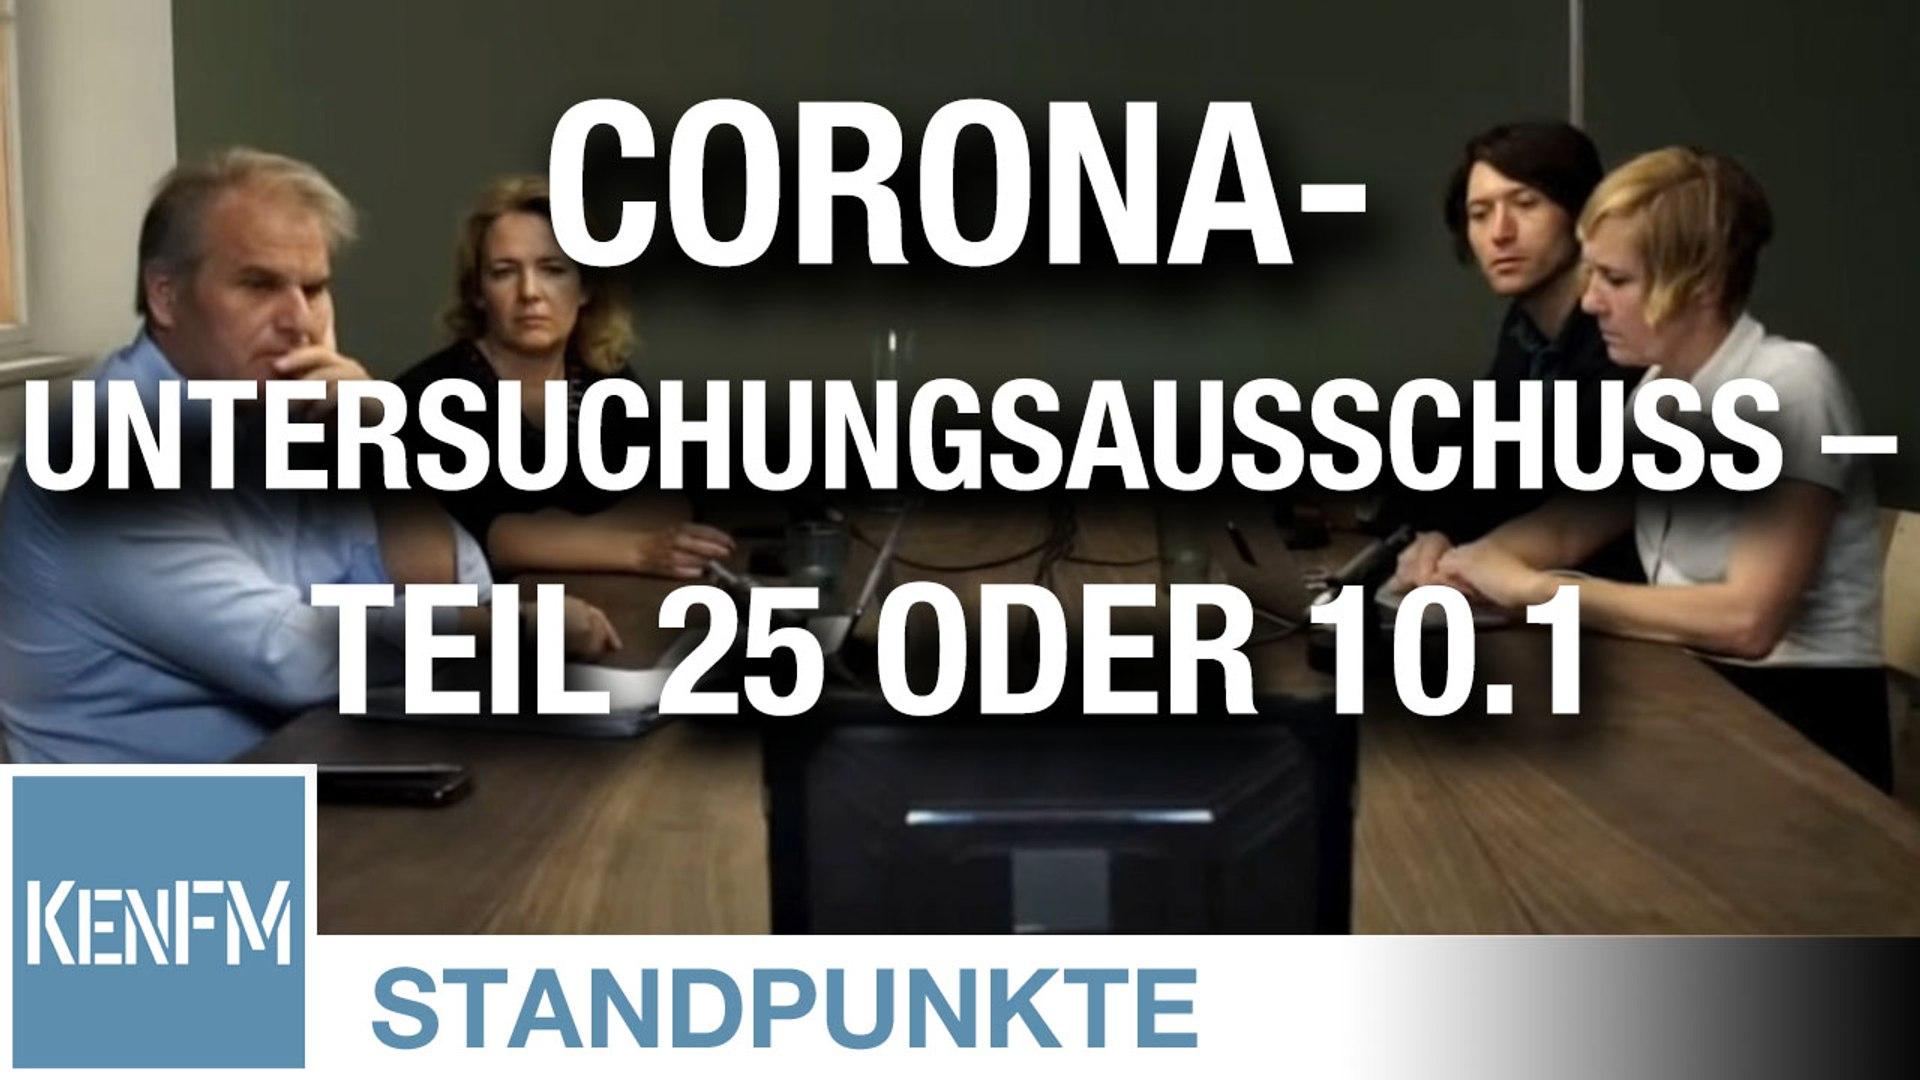 Corona-Untersuchungsausschuss – Teil 25 oder 10.1